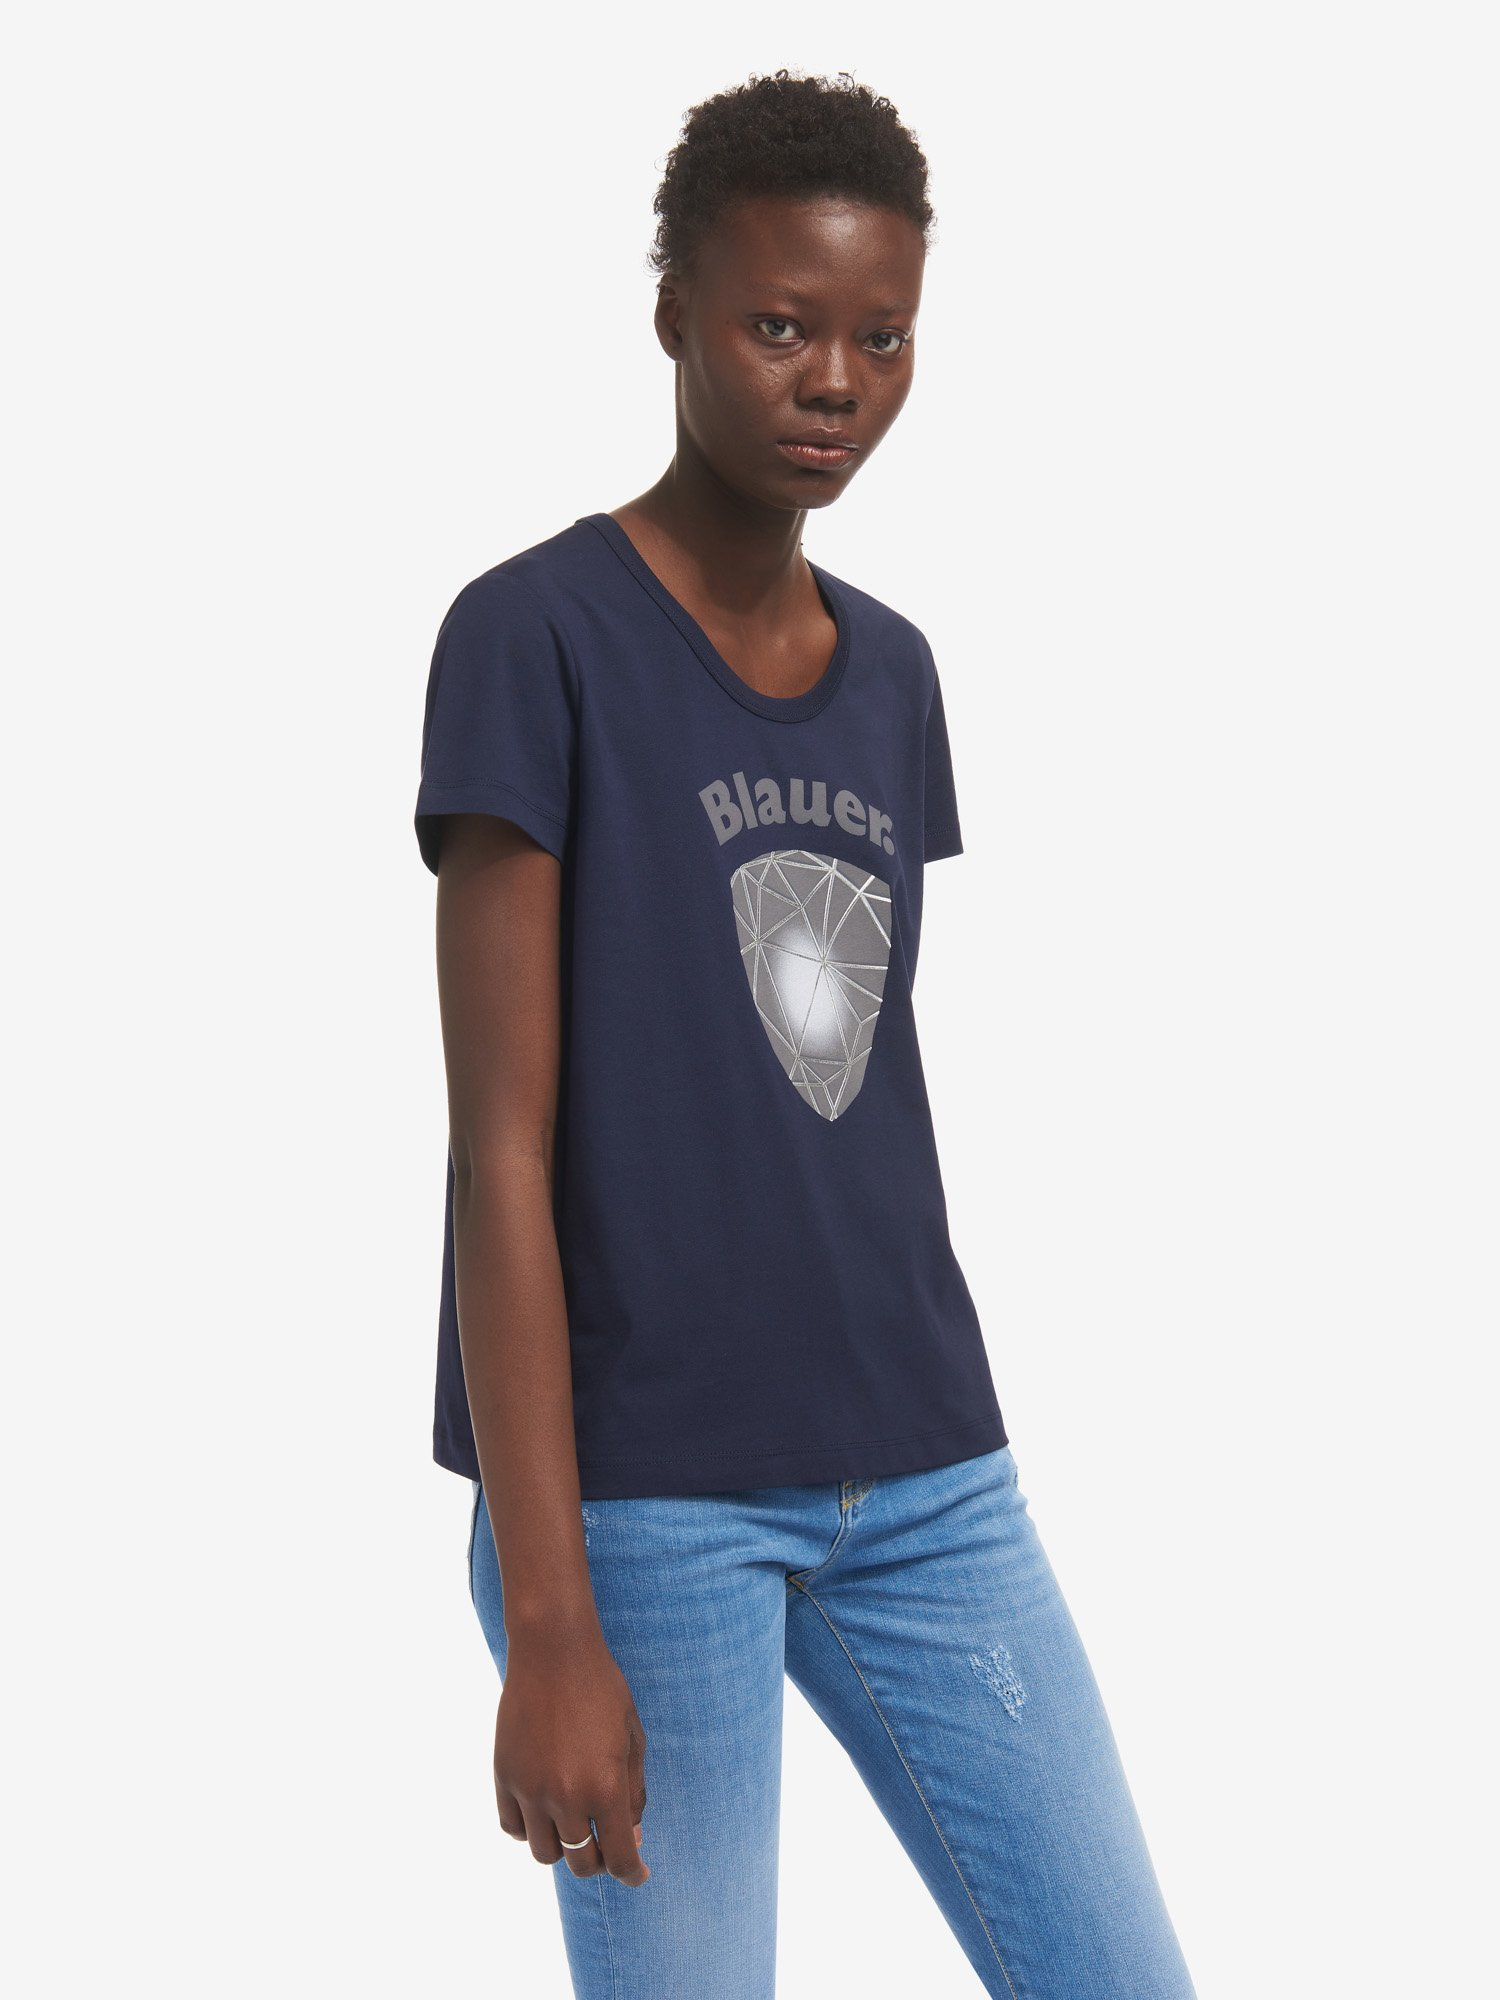 Blauer - T-SHIRT BLAUER 3D - Zaffiro Scuro - Blauer